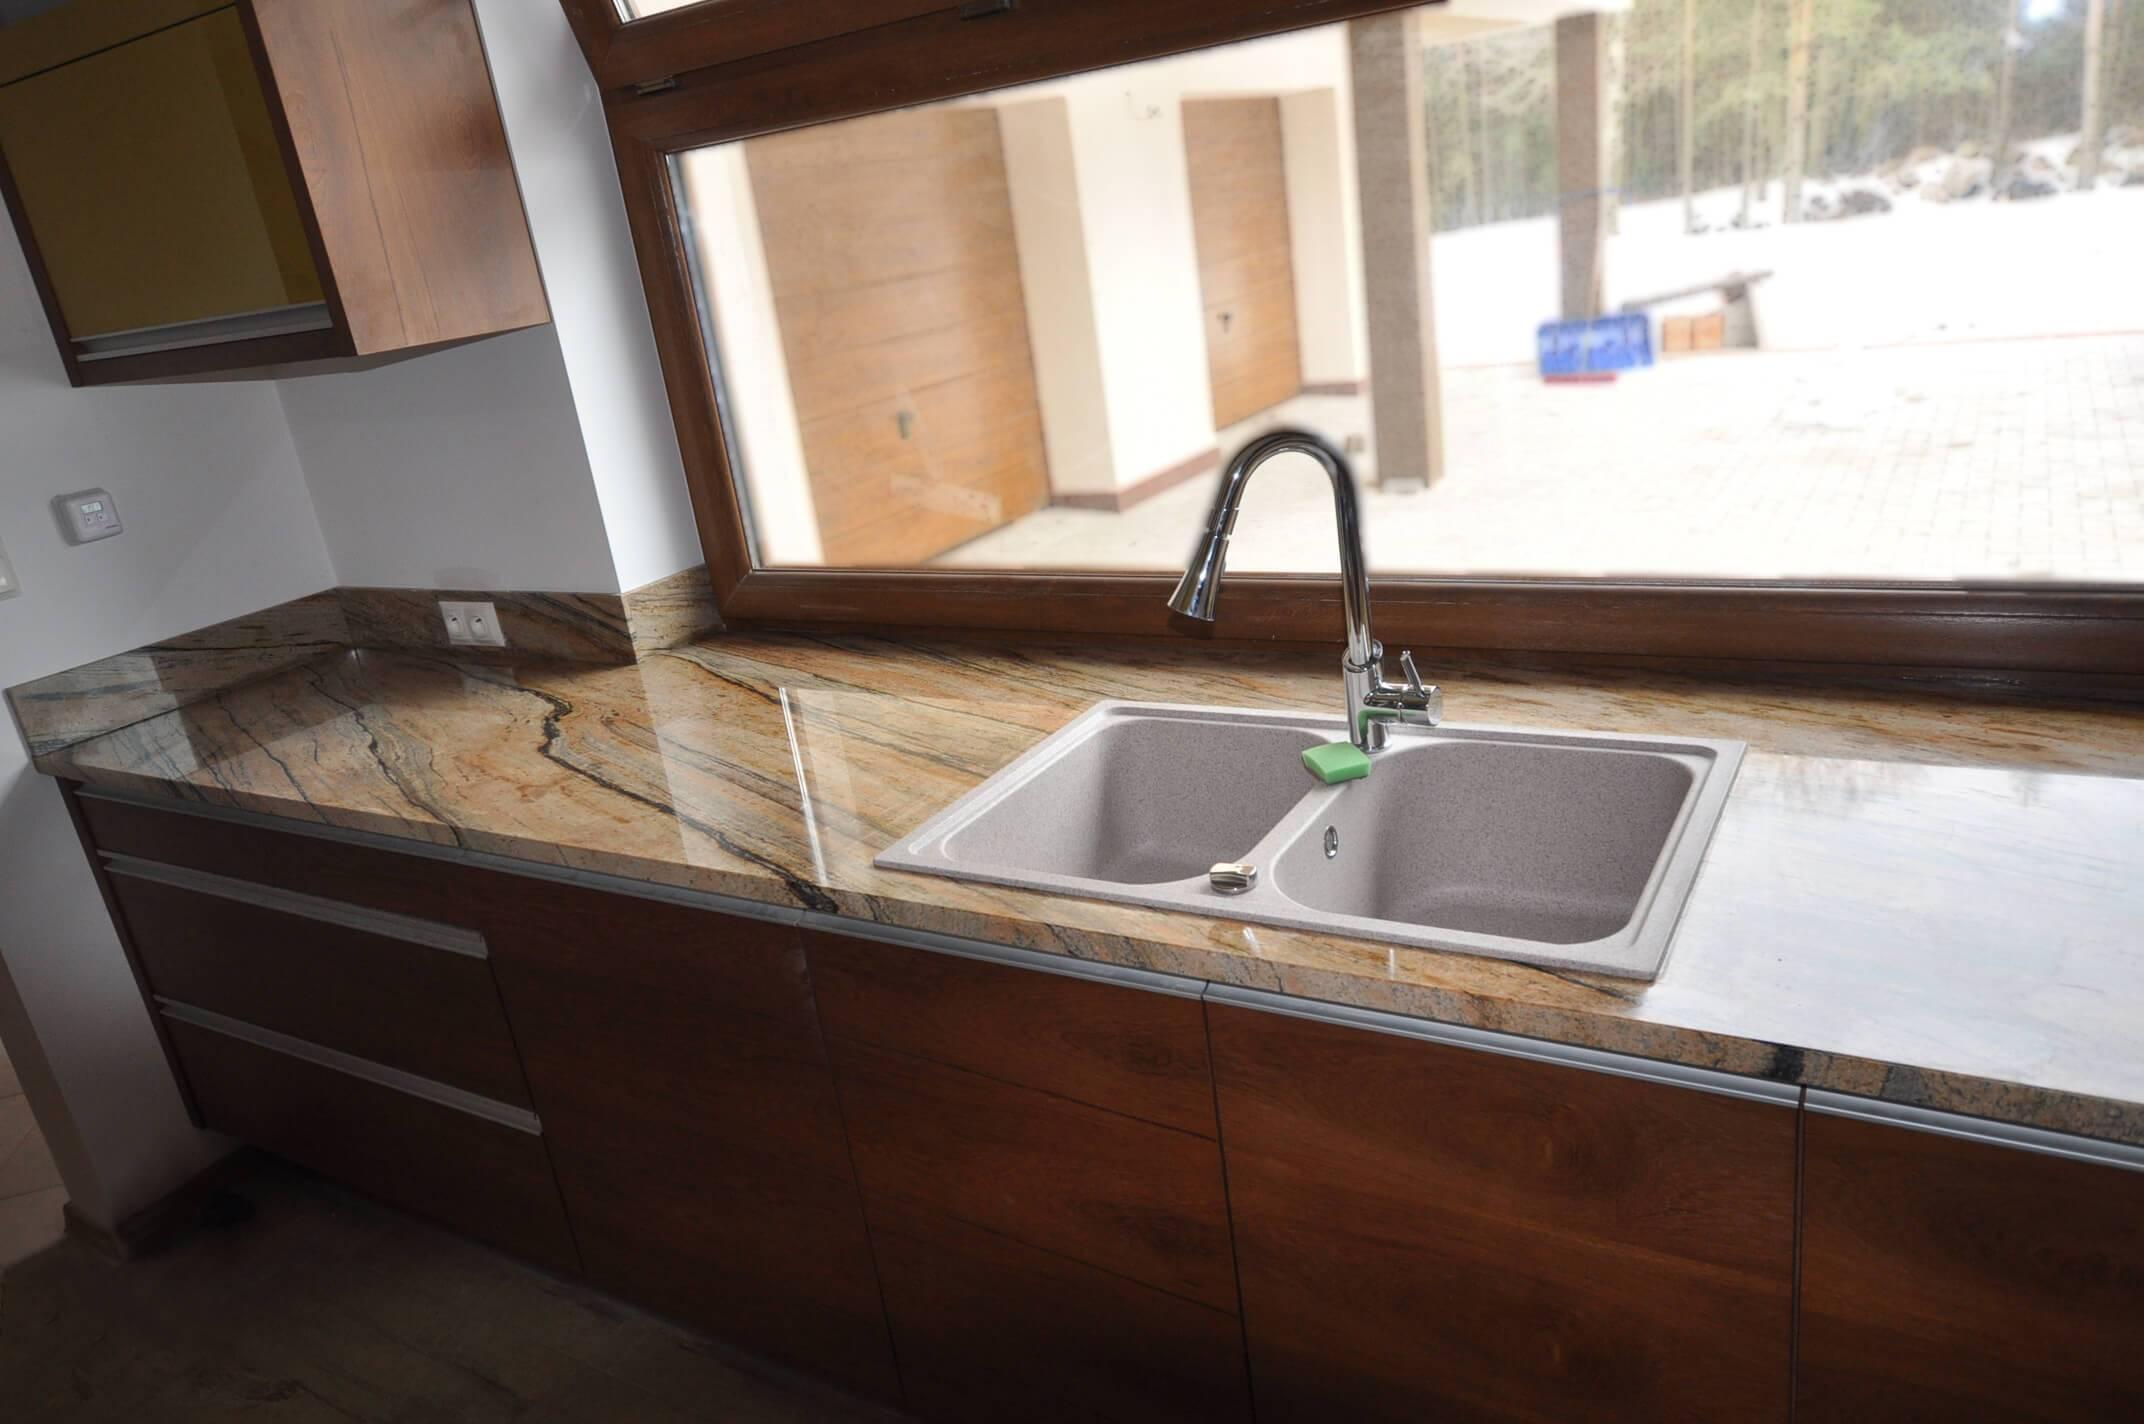 Kuchenne blaty granitowe z materiału PEREGRINE/PRADO